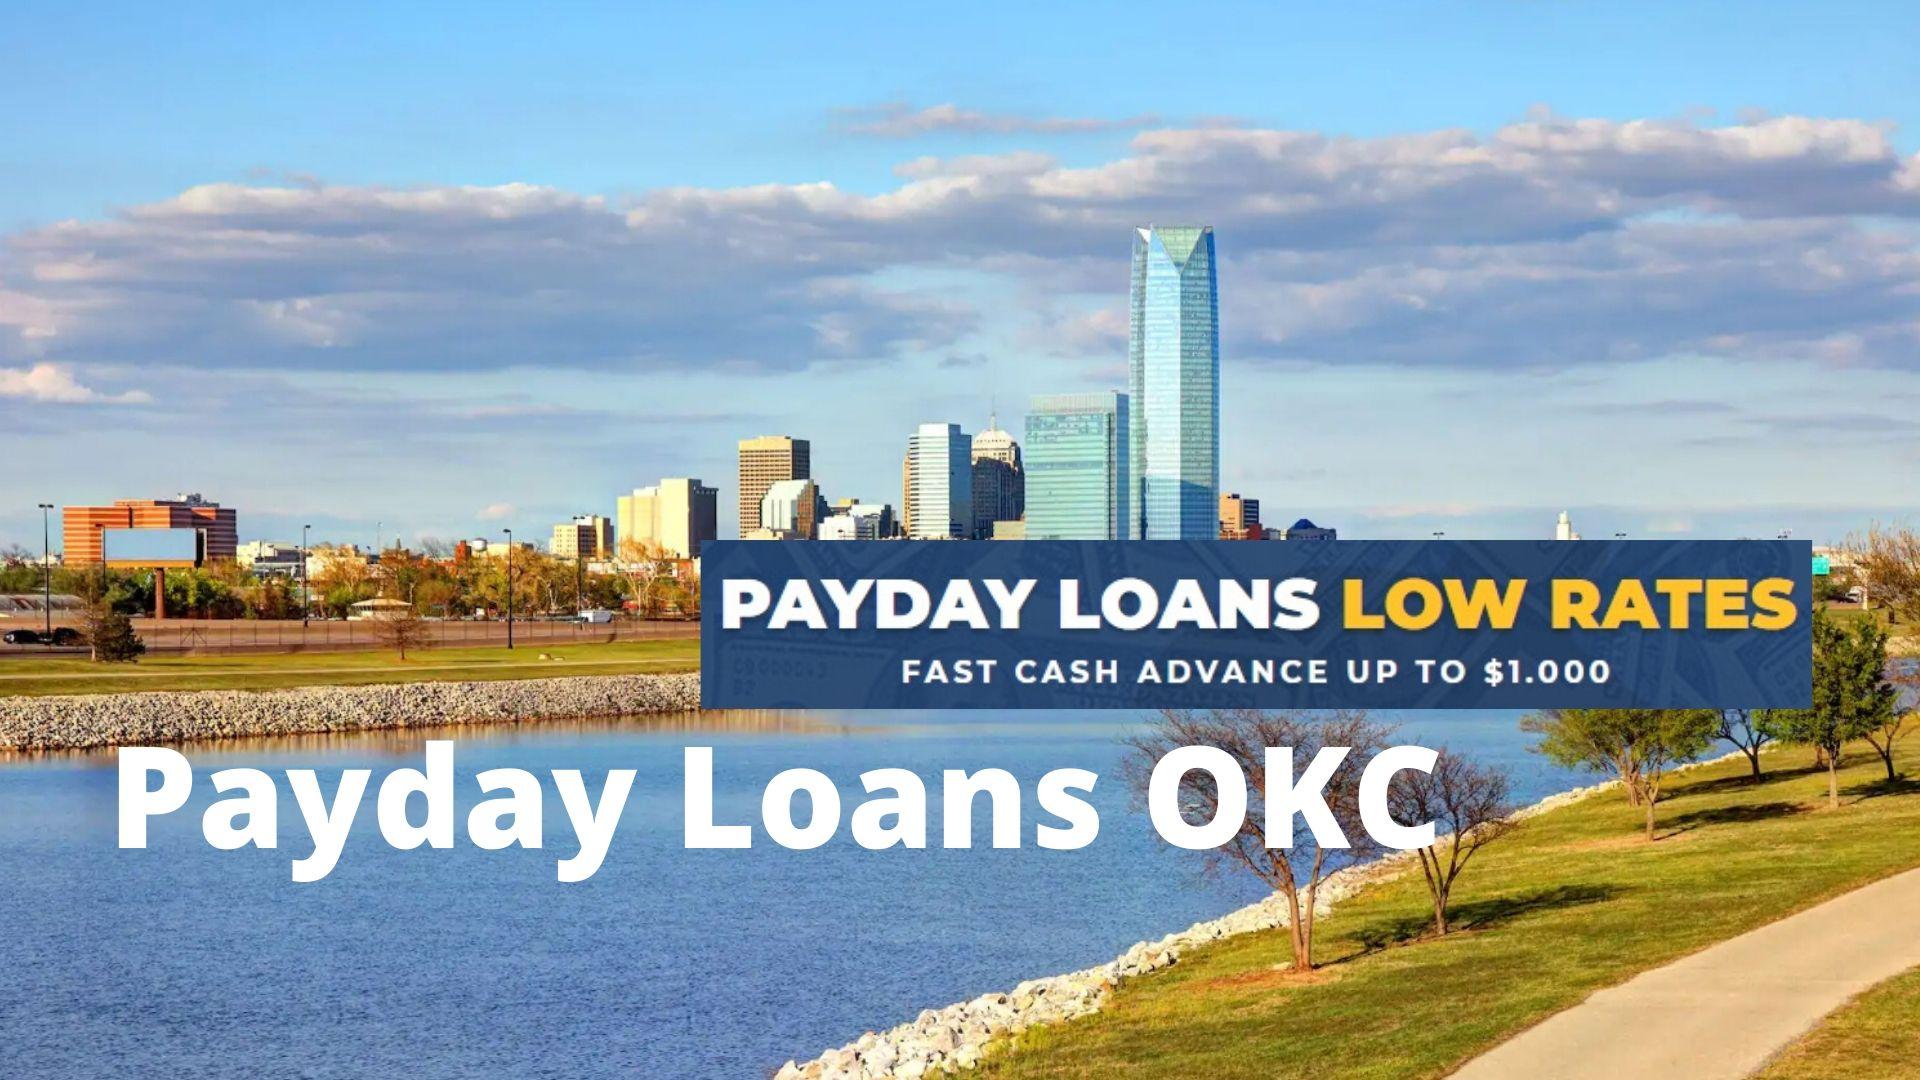 Payday Loans Oklahoma